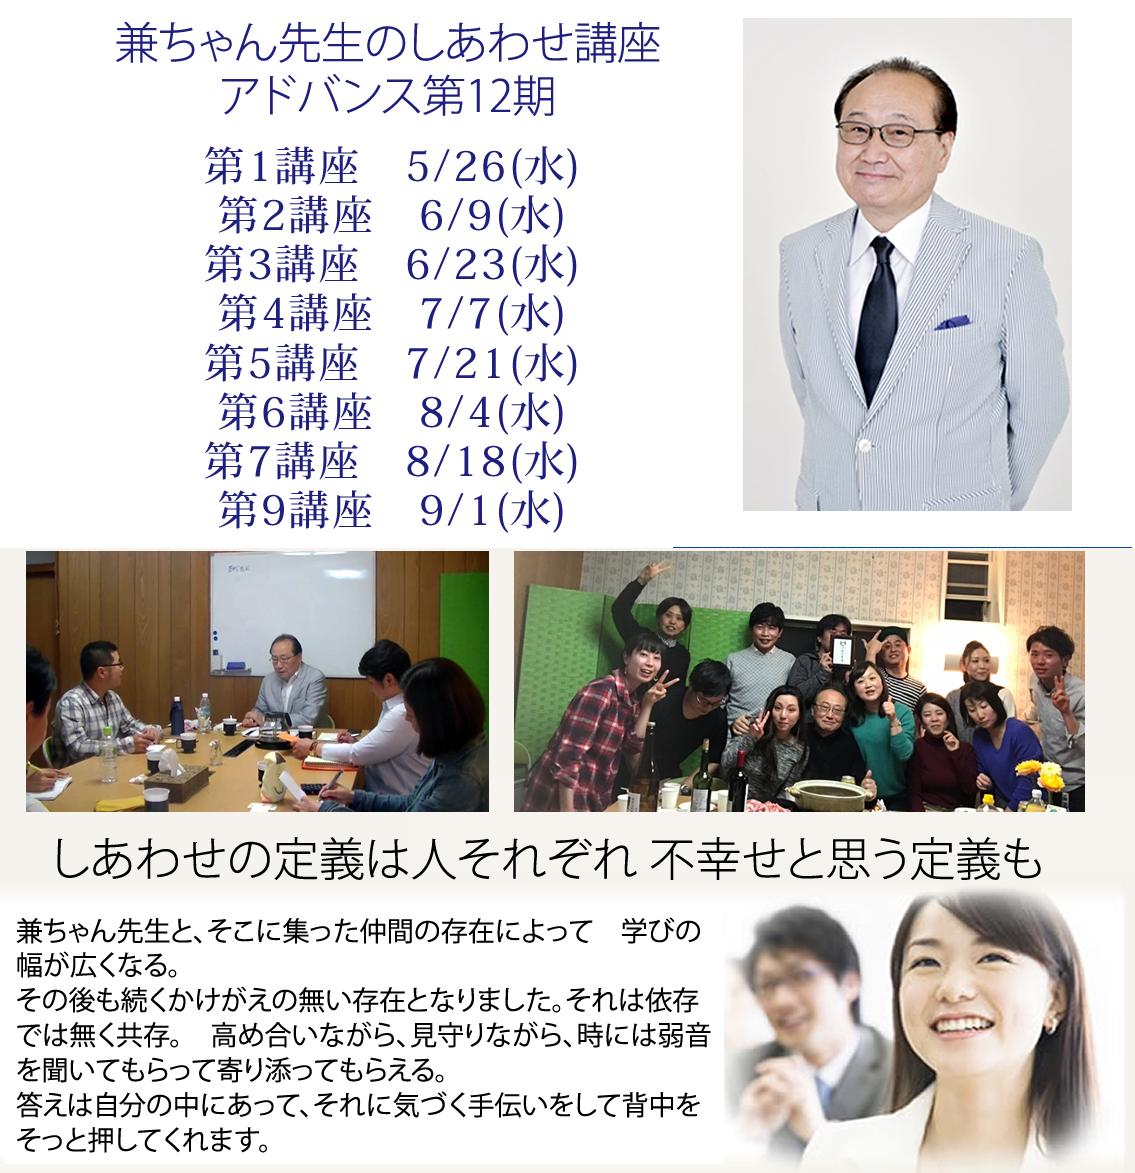 兼ちゃん先生のしあわせ講座アドバンス - 兼ちゃん先生のしあわせ講座アドバンス第12期